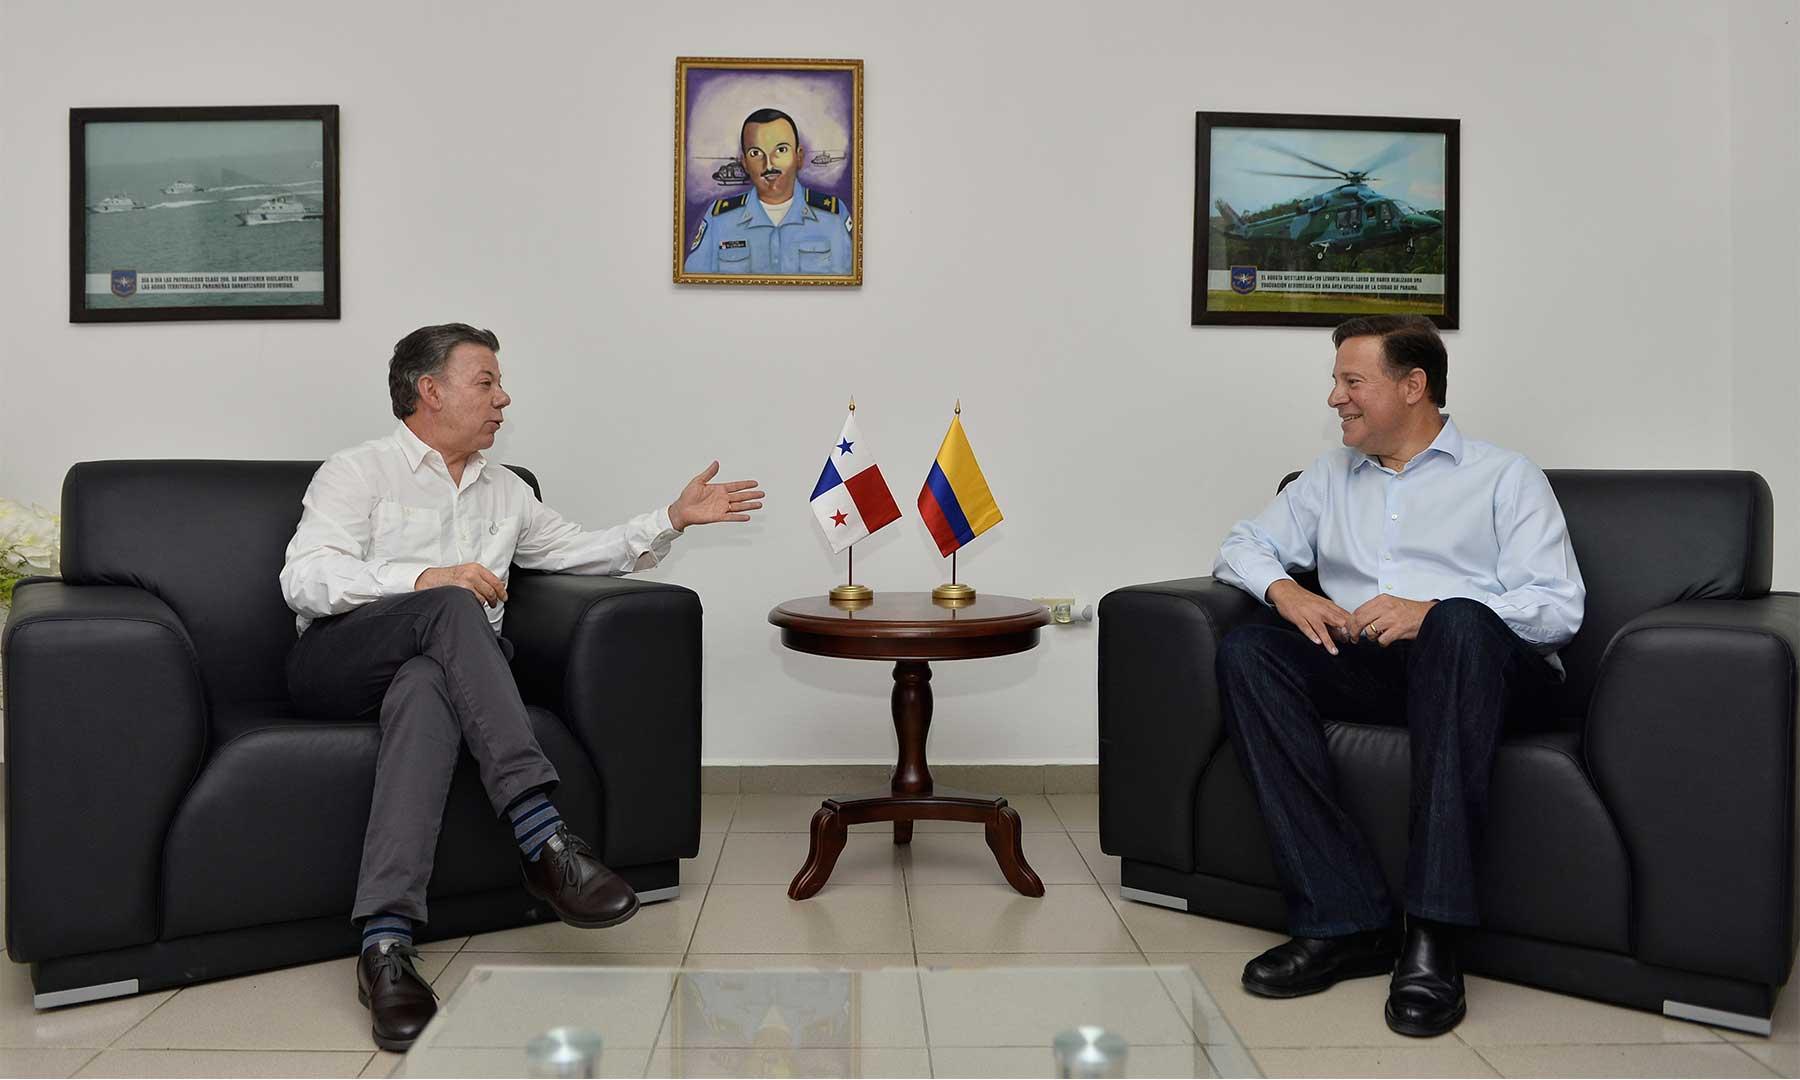 Reunión bilateral del Presidente Juan Manuel Santos y su homólogo de Panamá, Juan Carlos Varela Rodríguez, en la base del Servicio Nacional Aeronaval (Senan) ubicada en Nicanor, Metetí, en la provincia panameña de Darién.